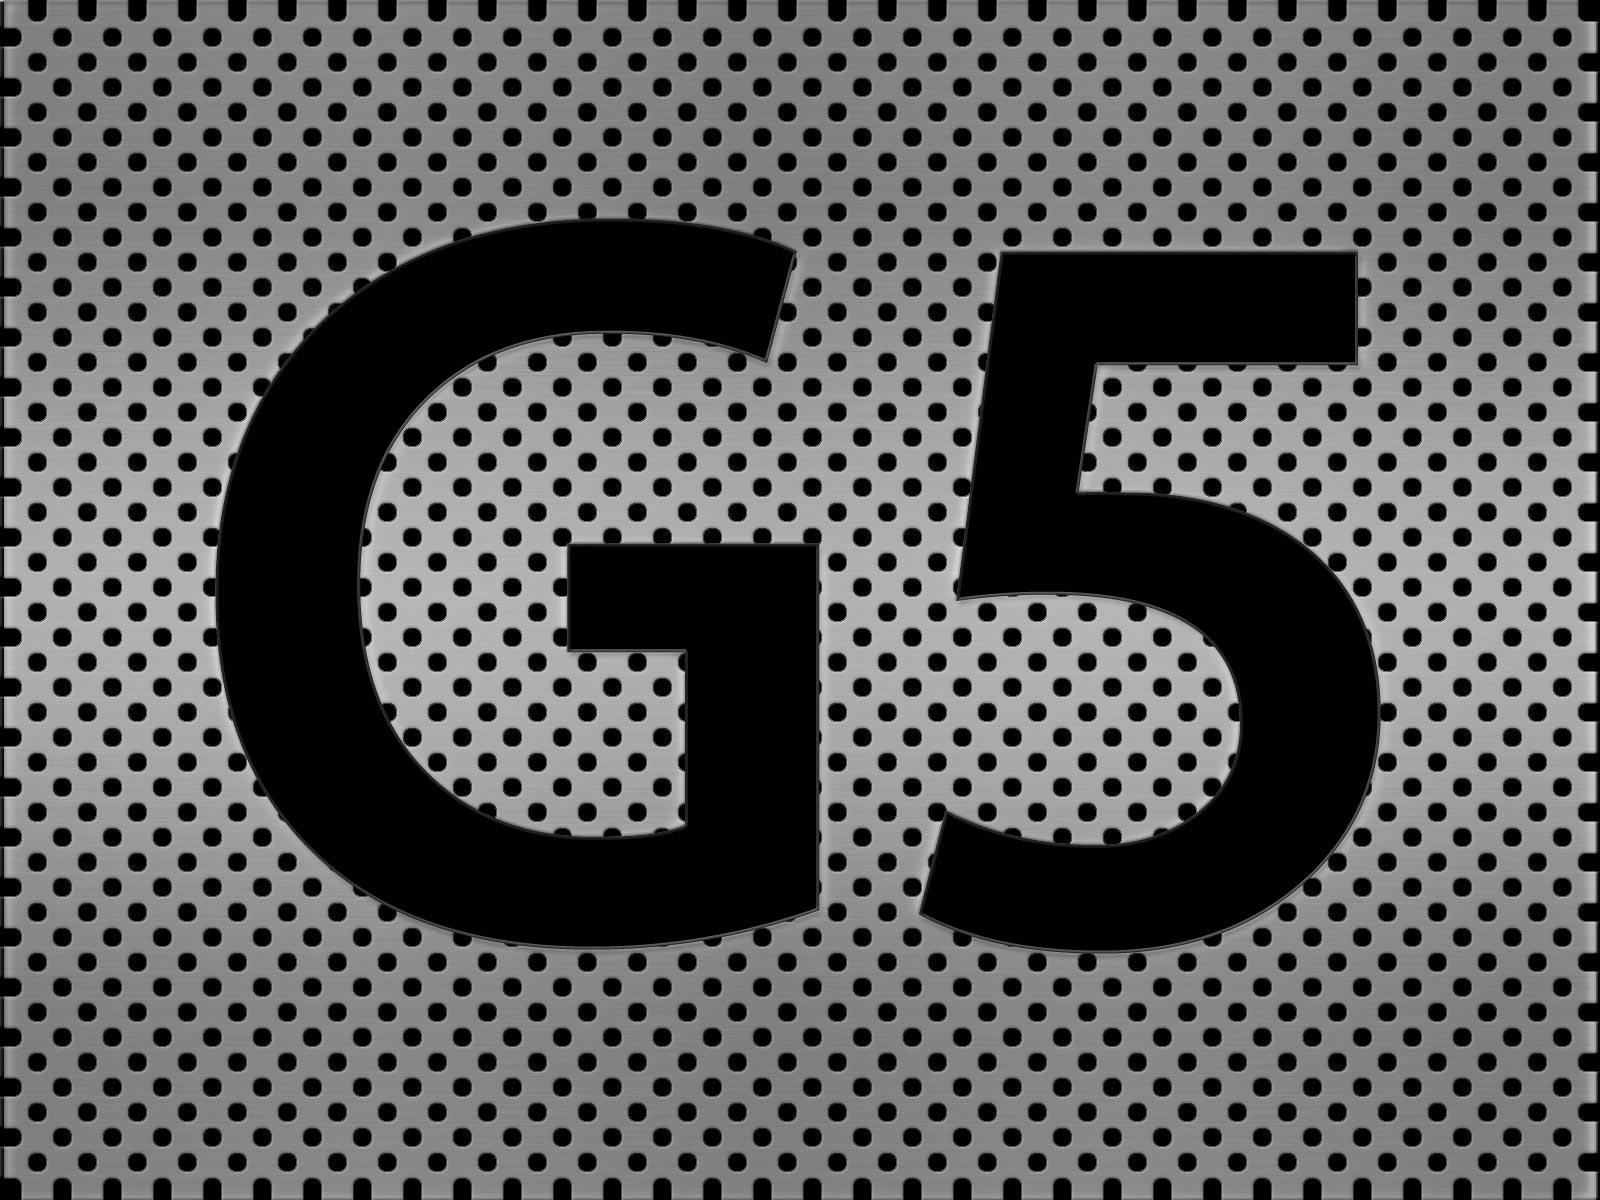 G5 metal grid wallapper, скачать фото, обои для рабочего стола, металл